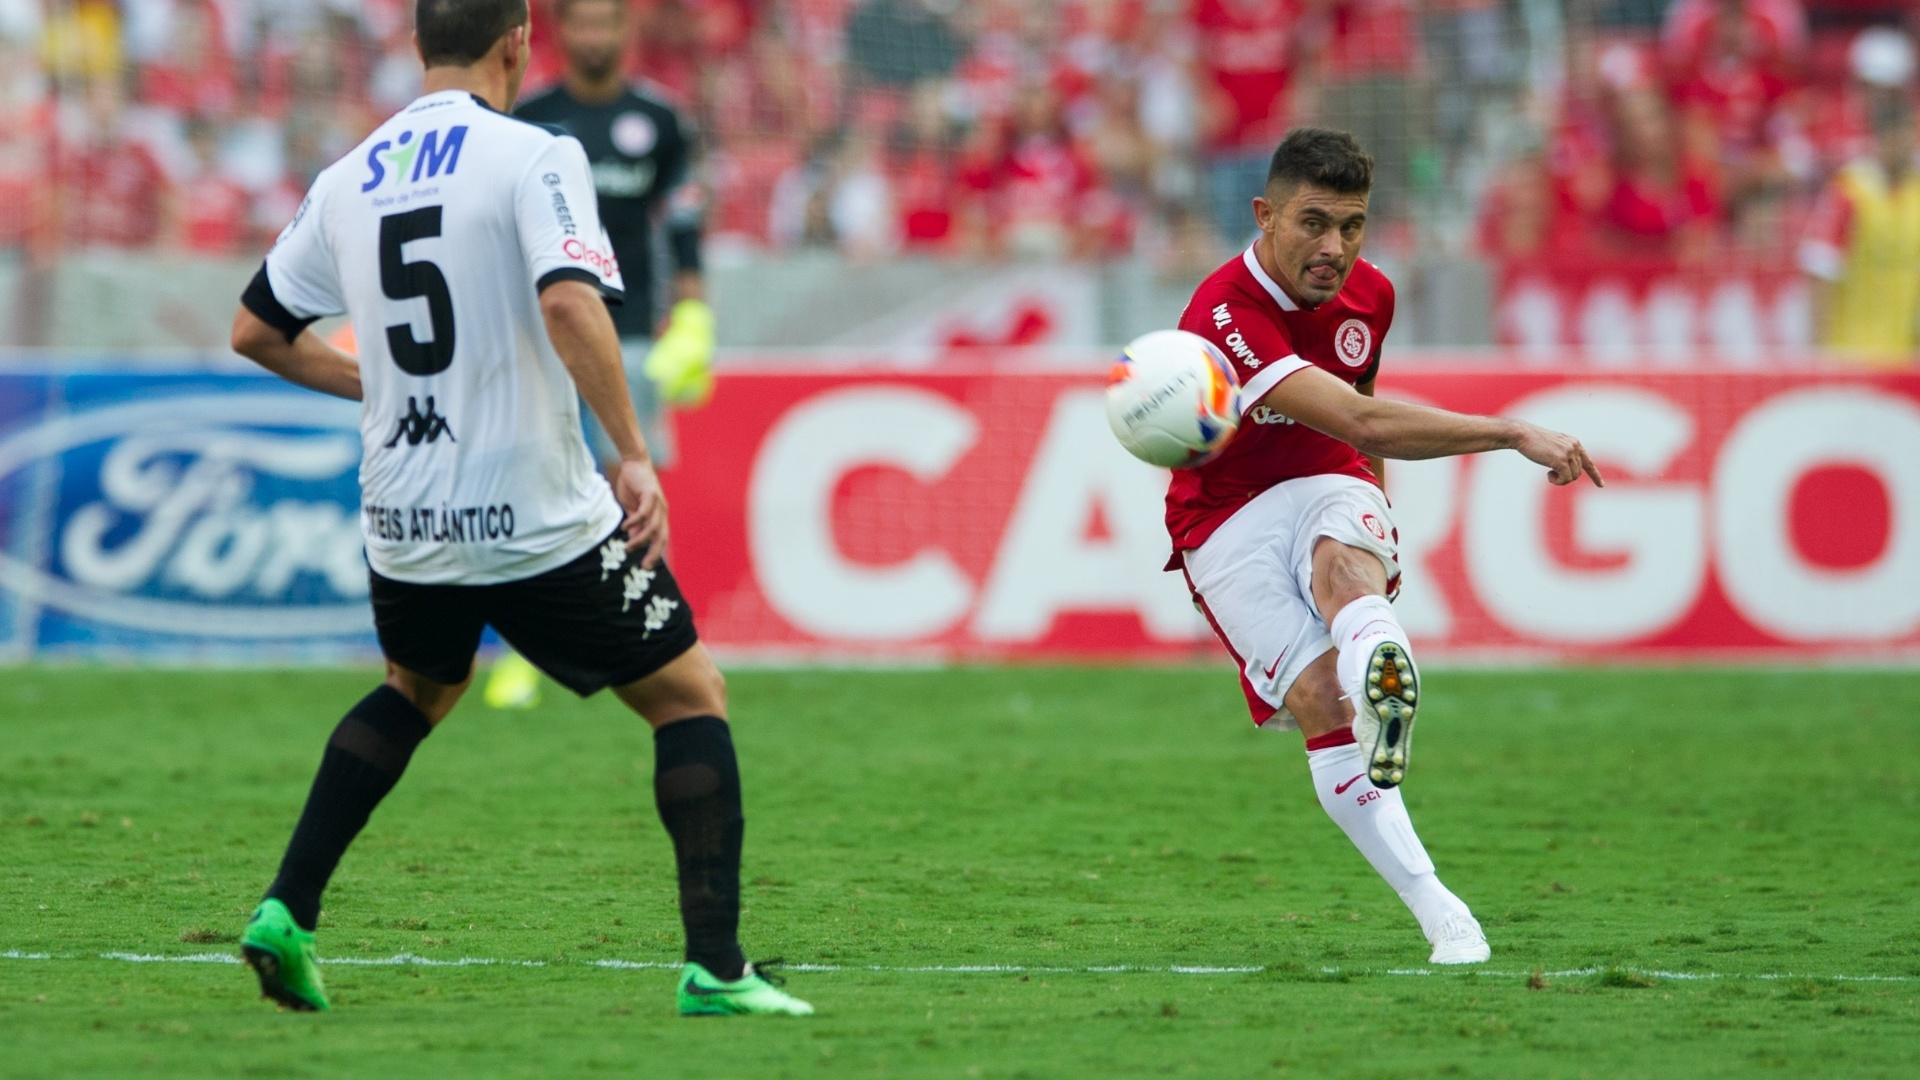 19 abr 2015 - Alex marcou um dos gols do Internacional contra o Brasil de Pelotas